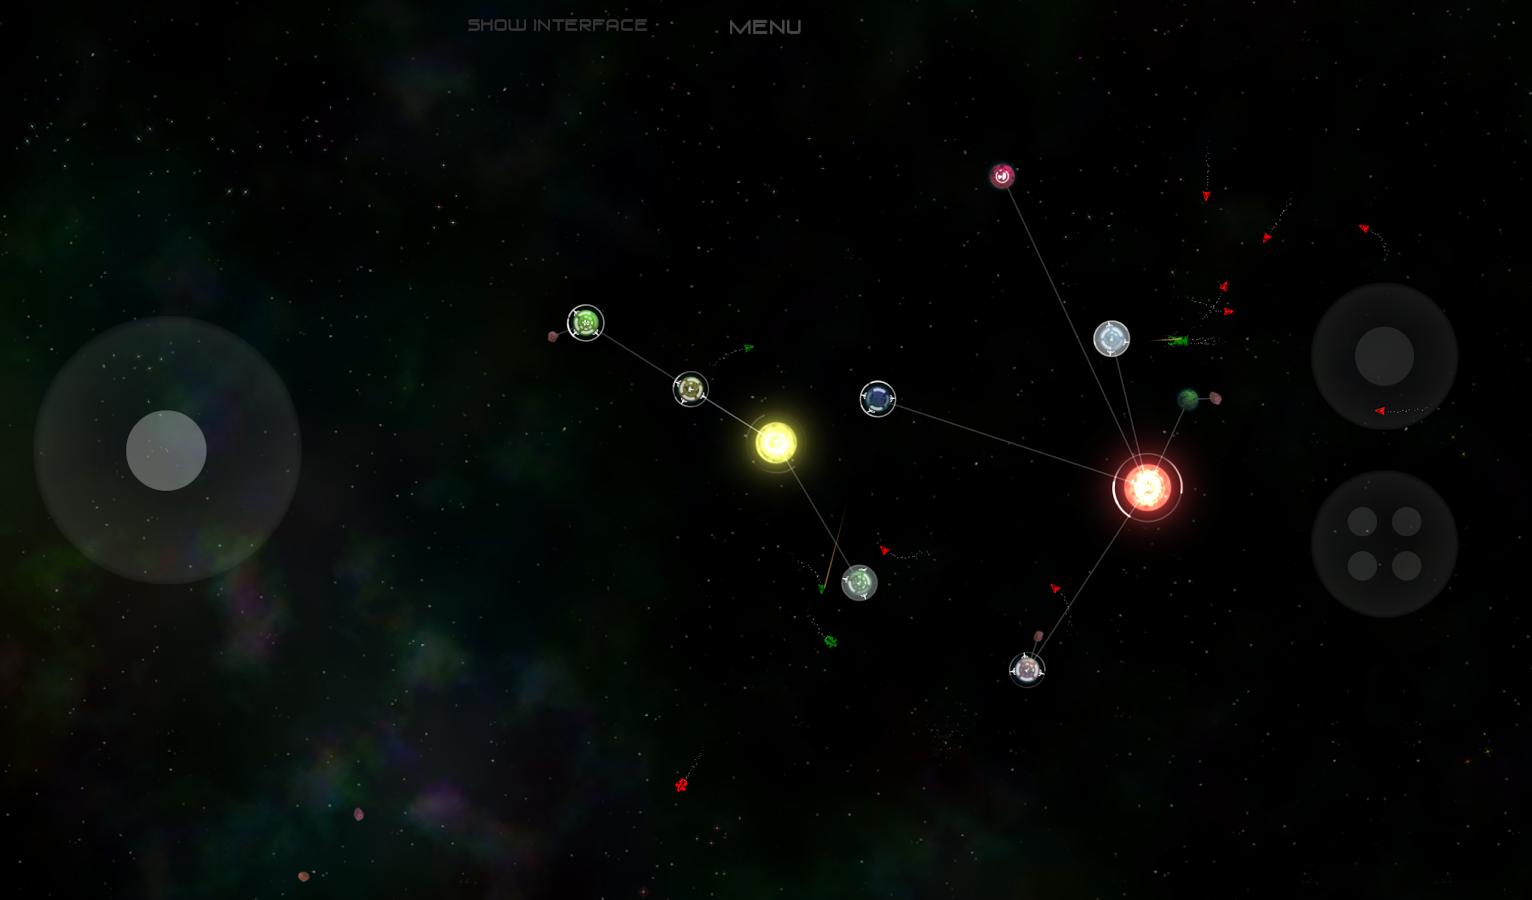 太阳系行星2 - 新浪应用中心